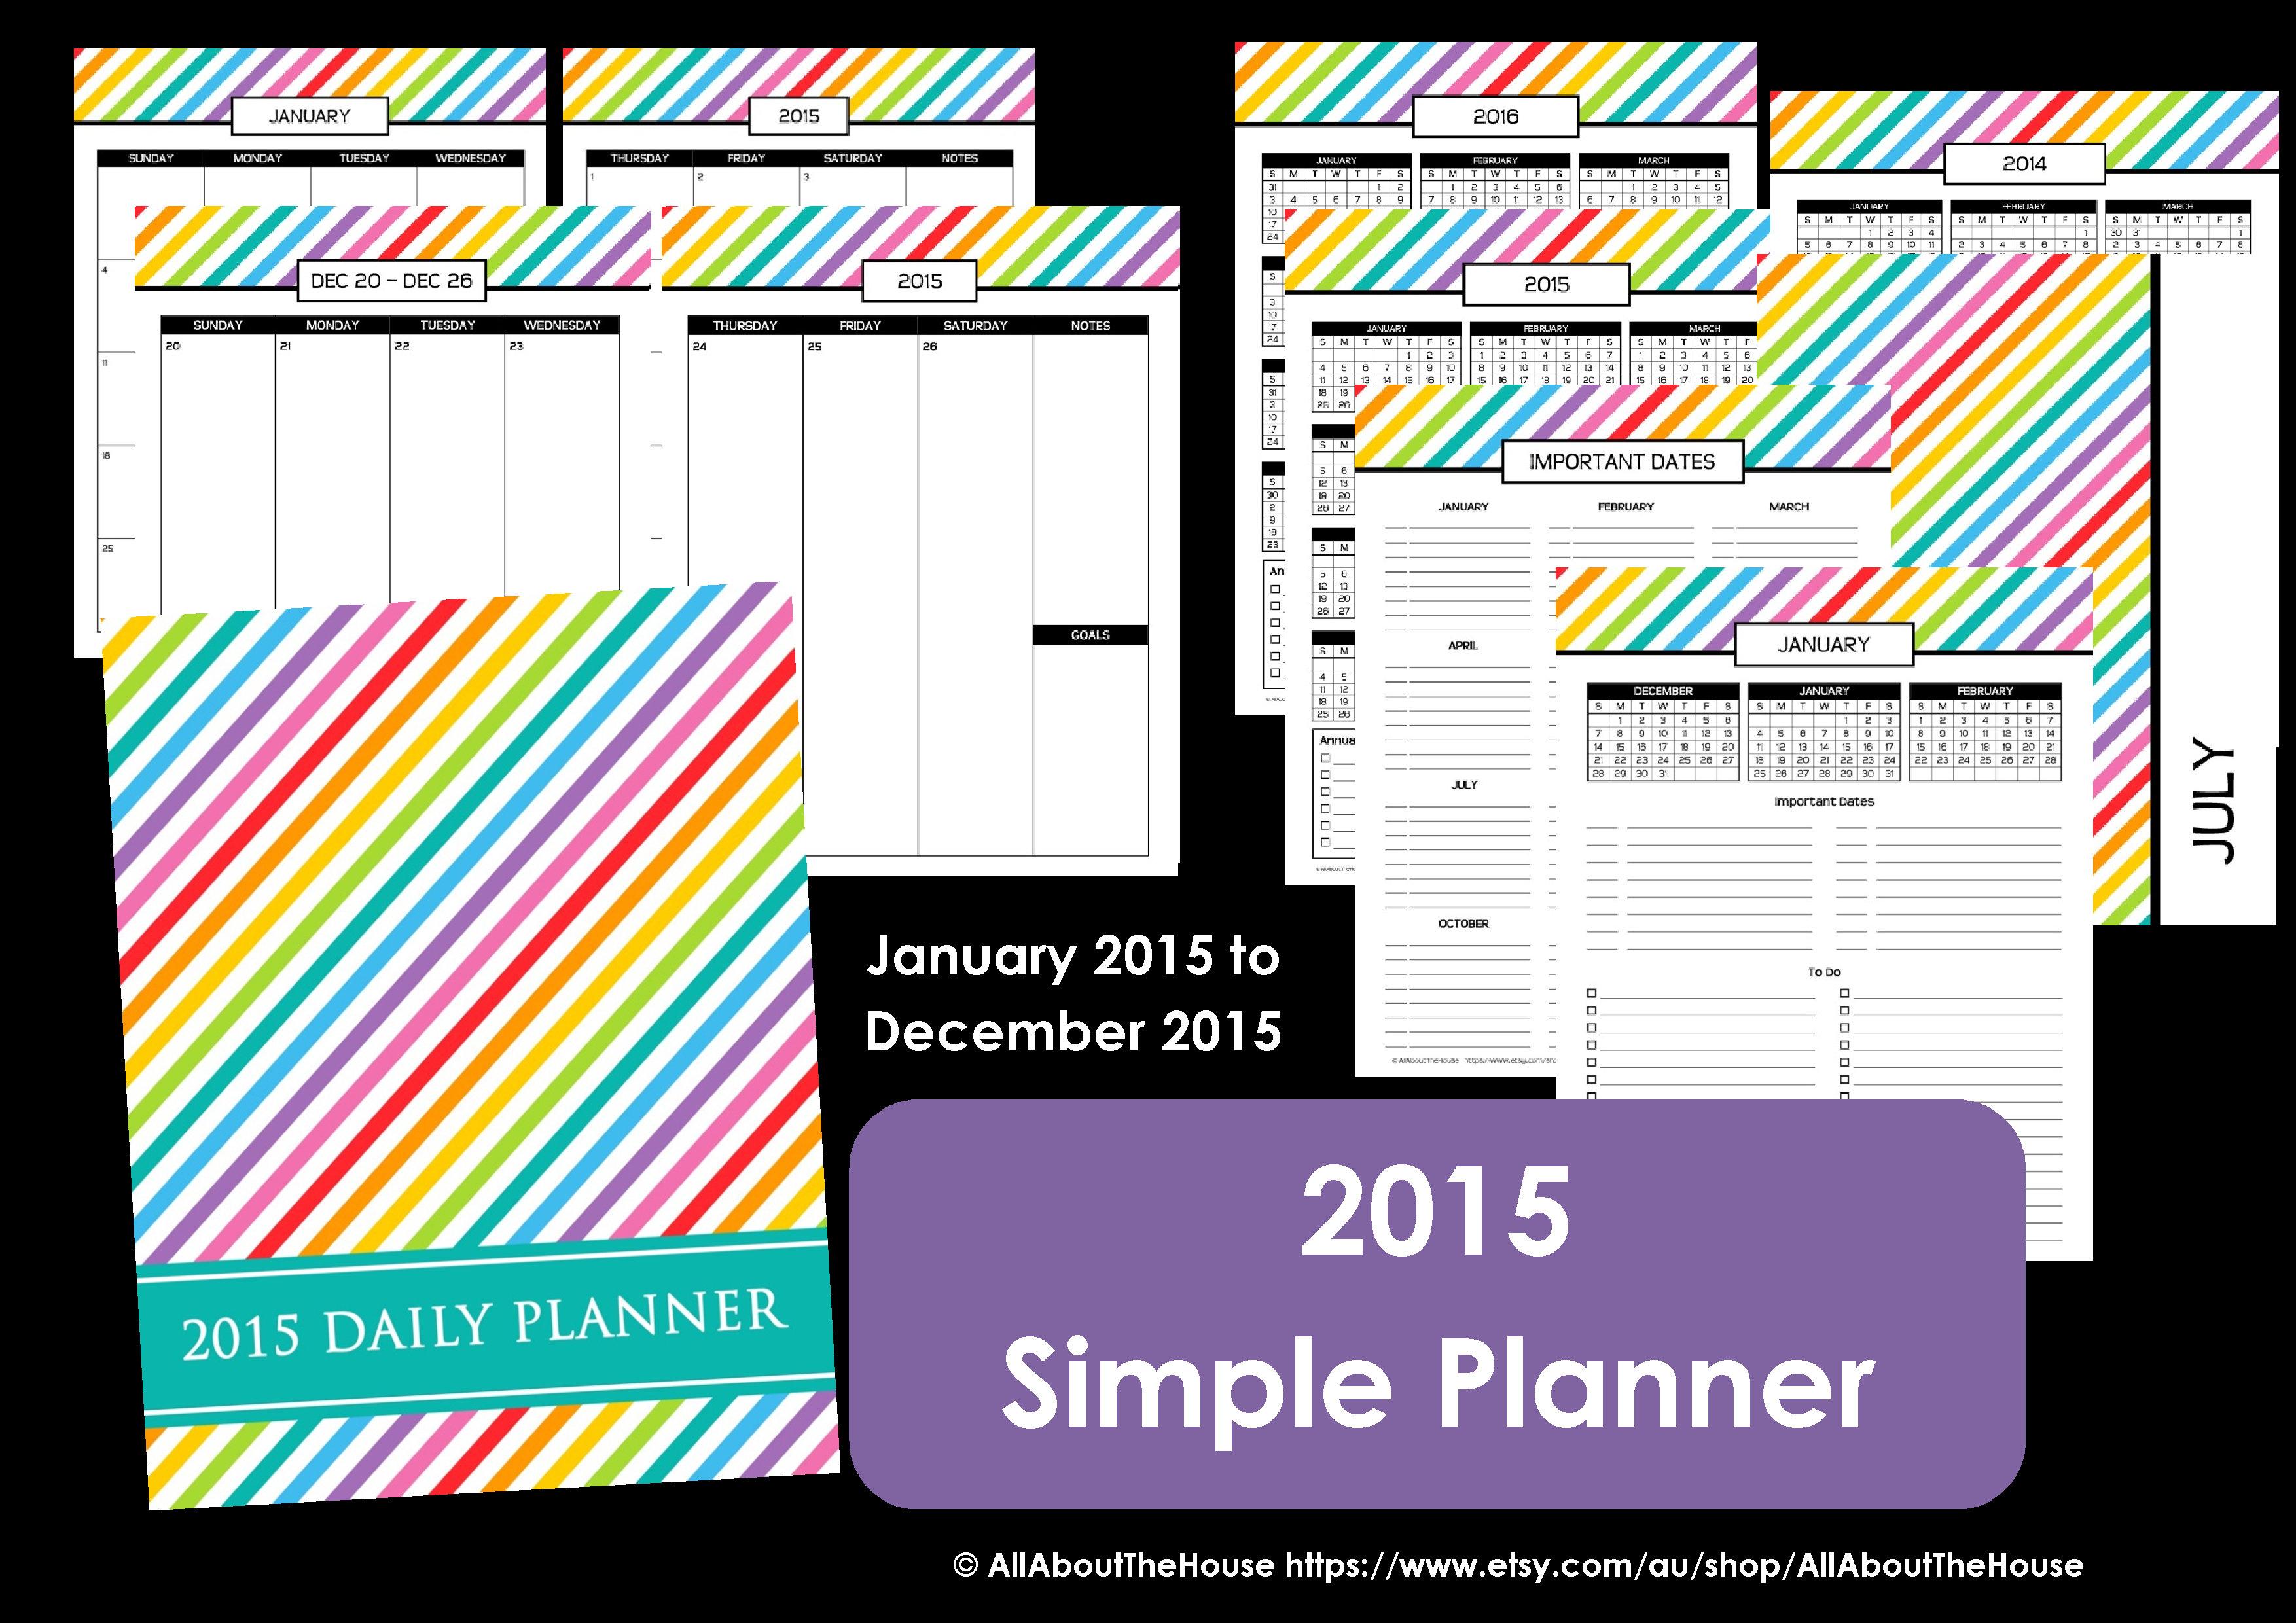 2015 simple planner printable